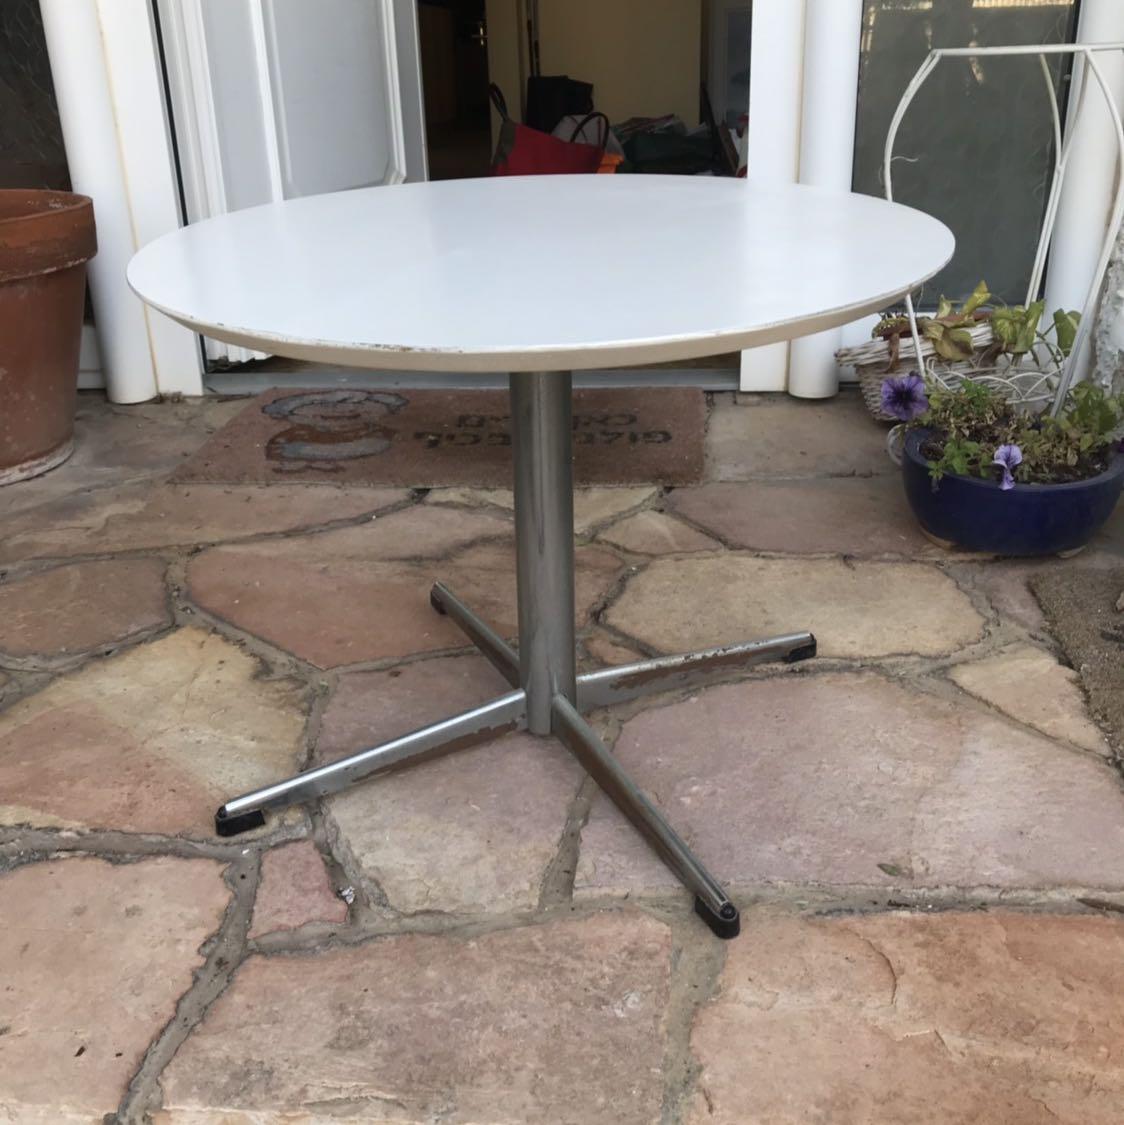 שולחן-עגול-נמוך-וינטג-יפהפה - יד 2